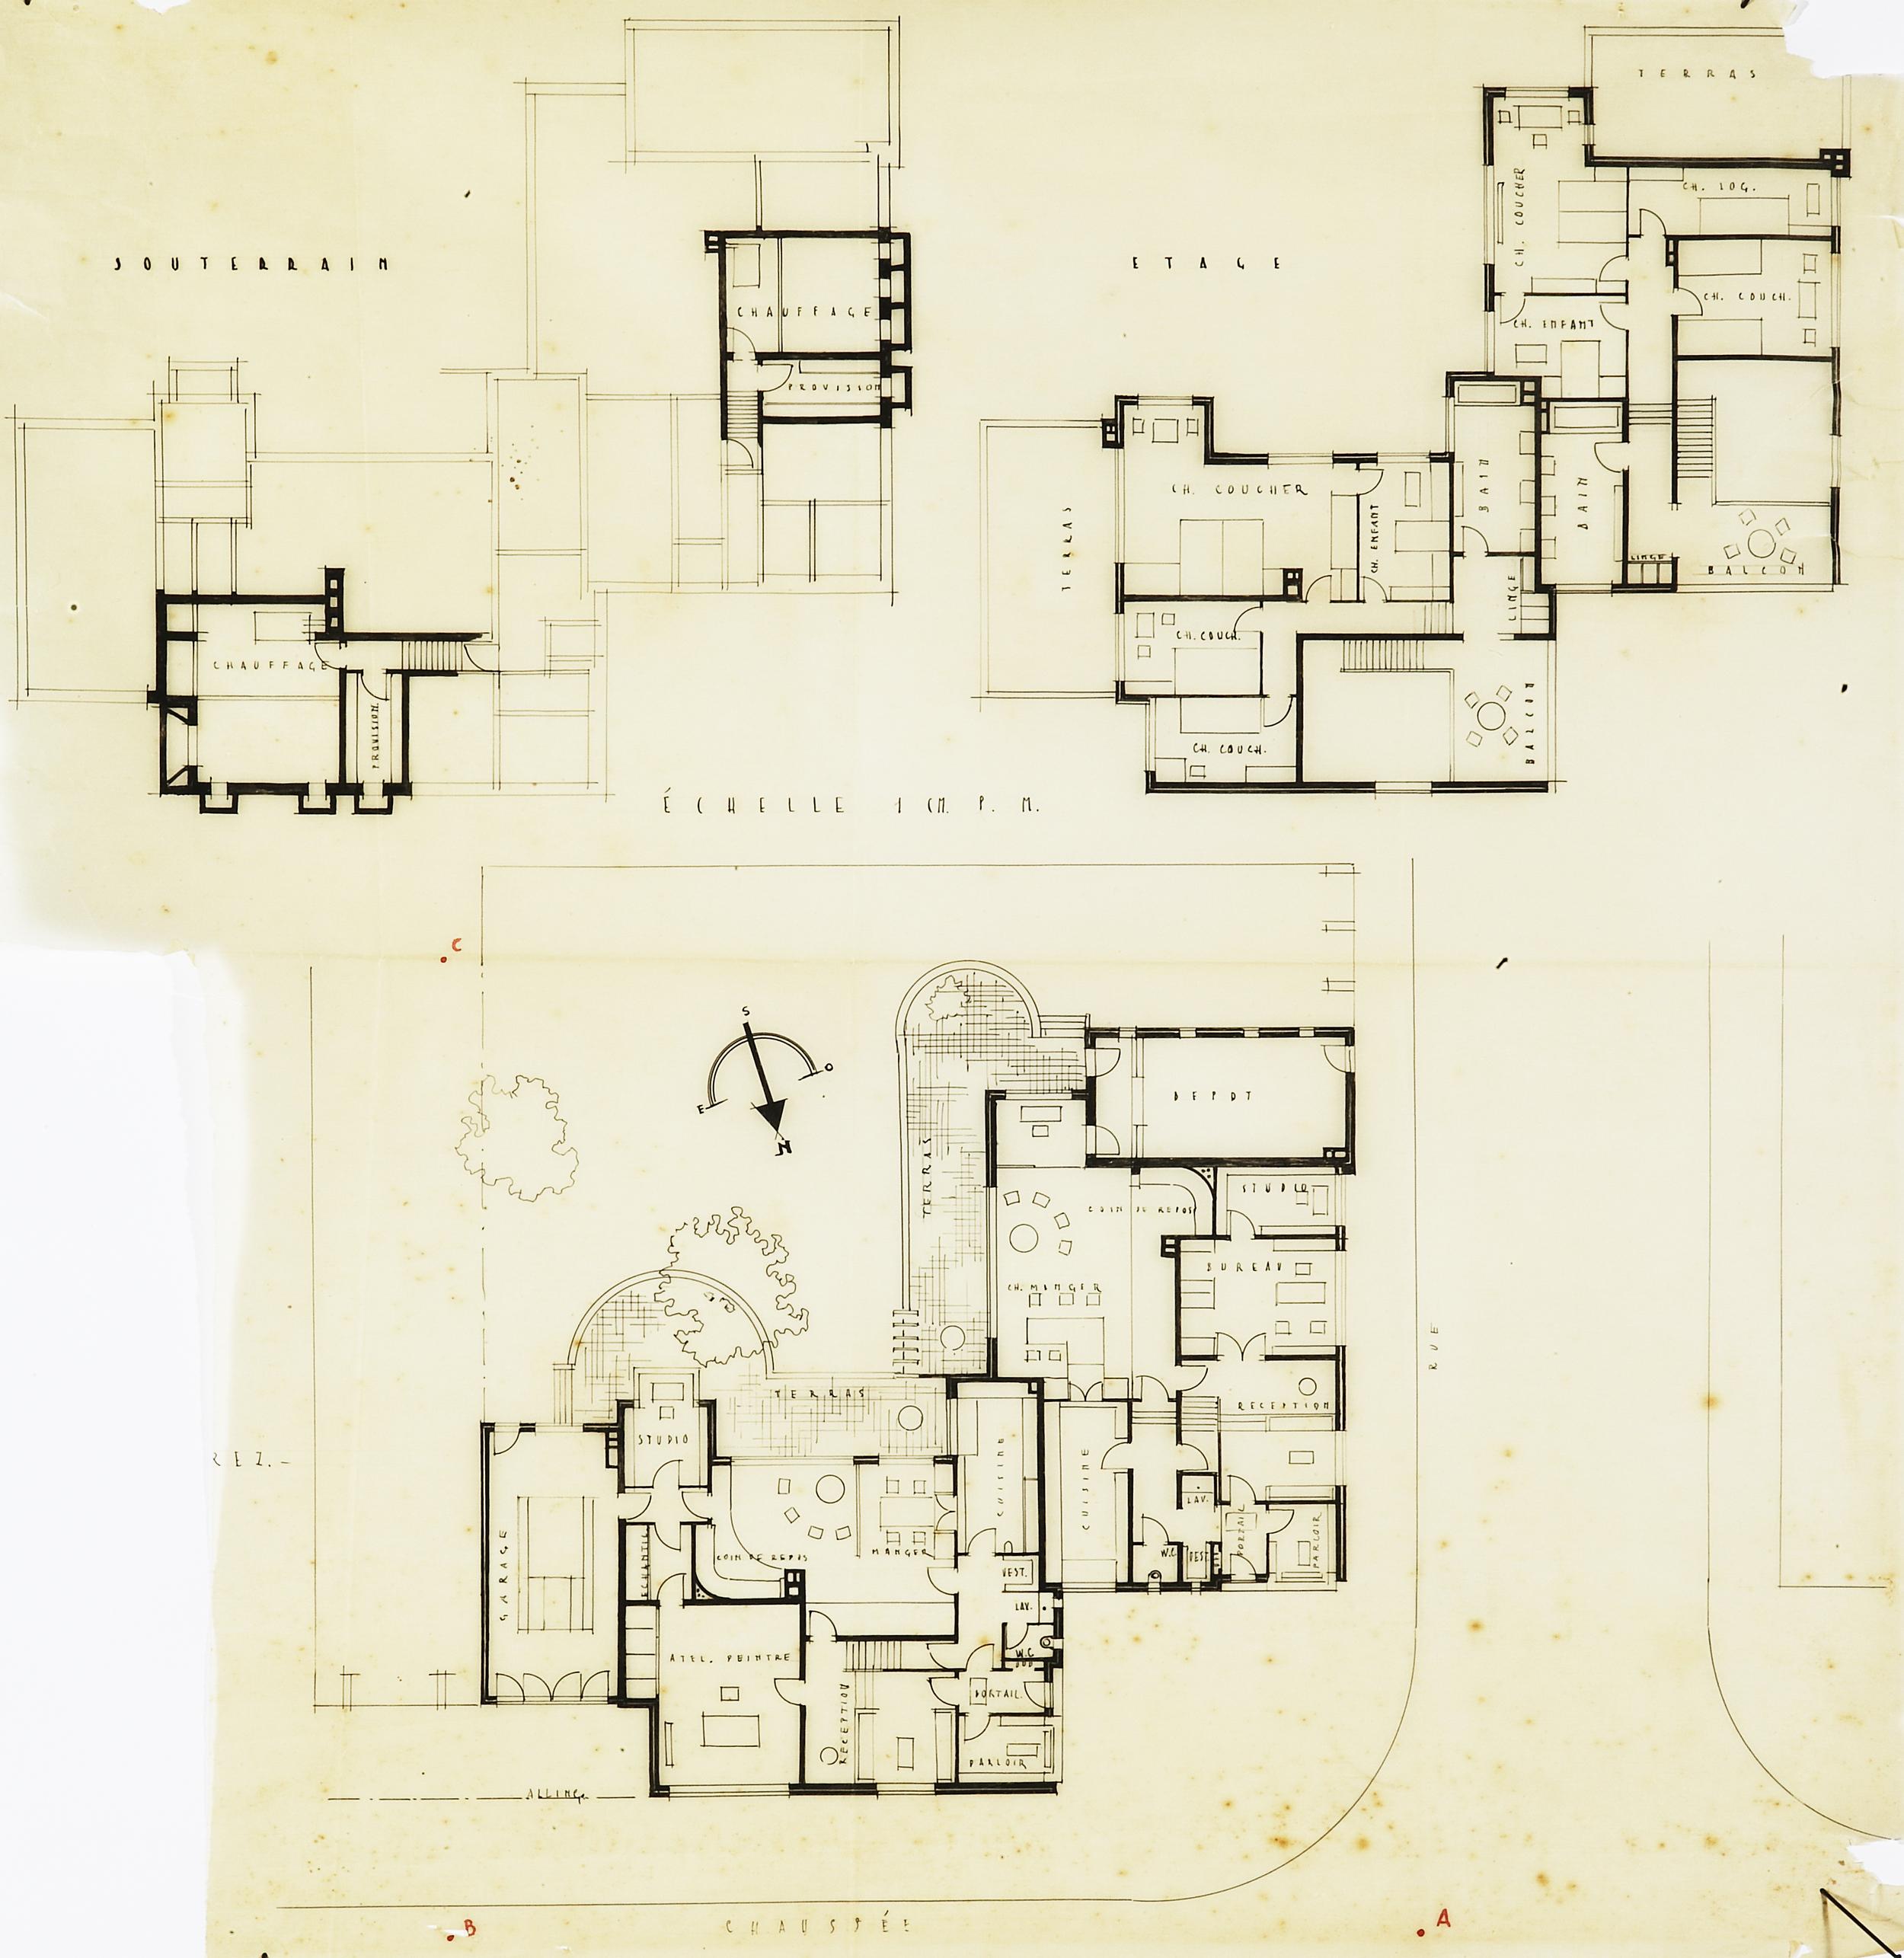 Stwg Mol plan2.jpg